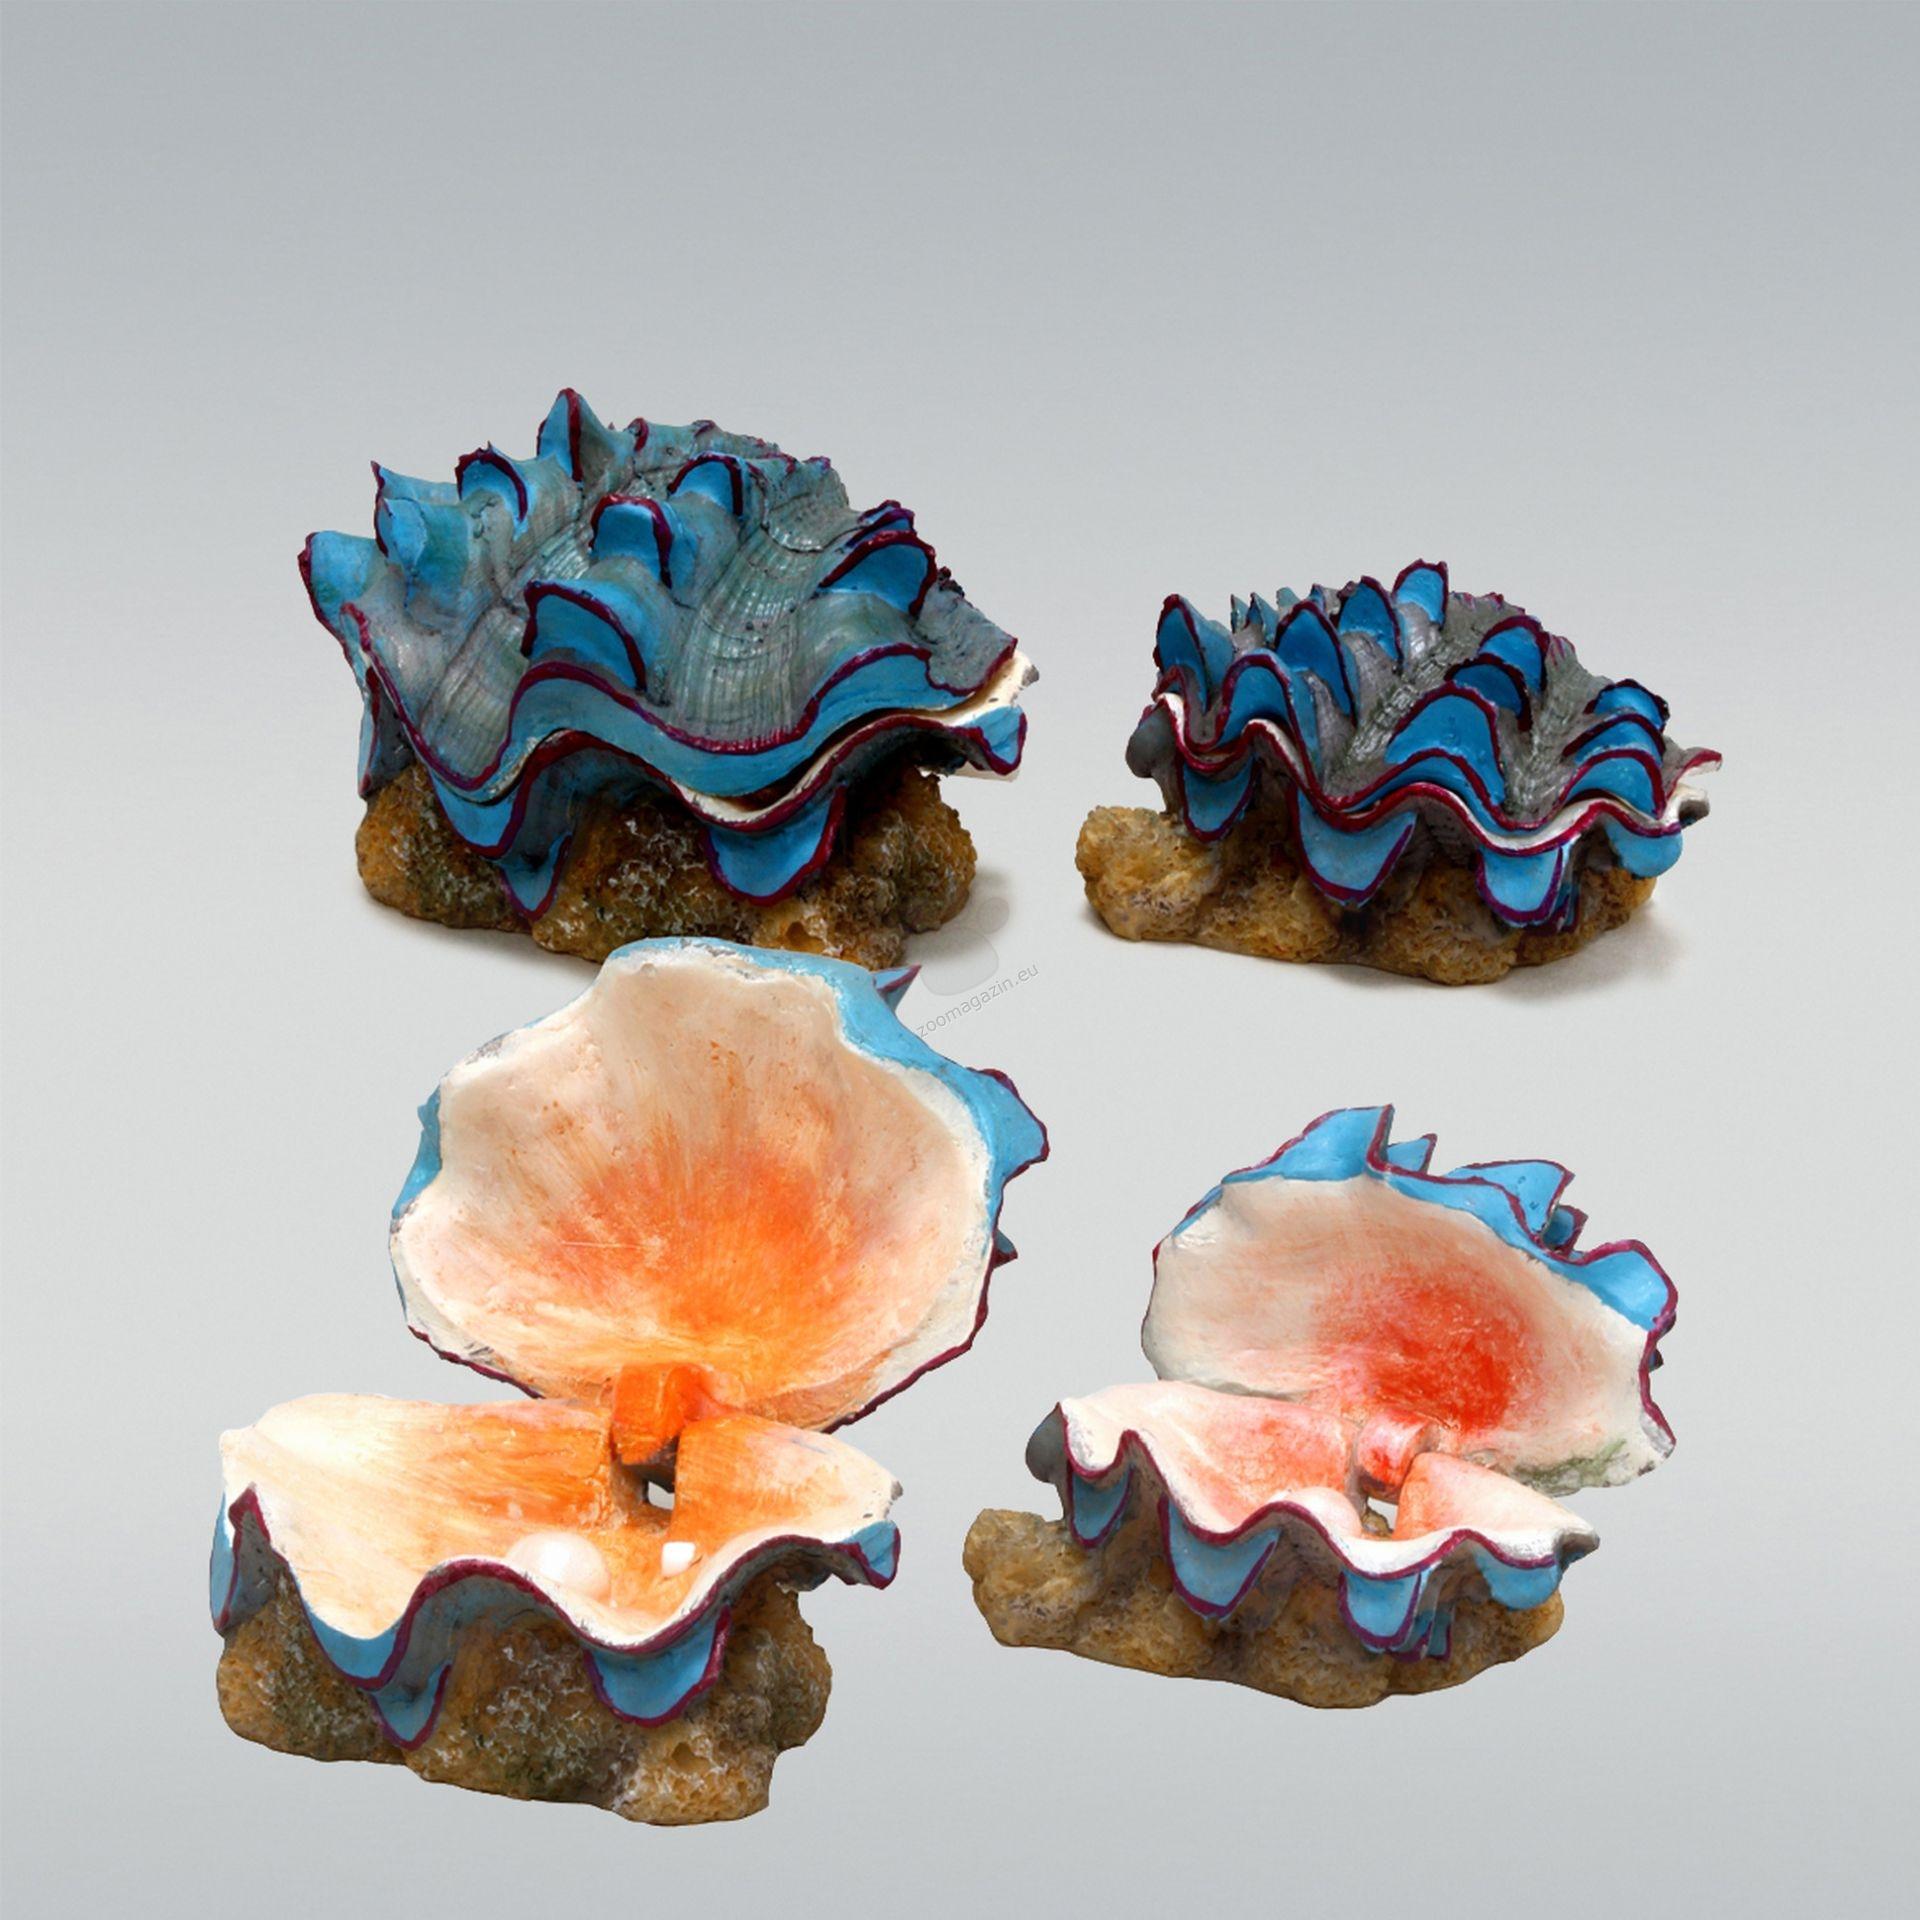 JBL ActionAir Beautiful Shells - декорация за аквариум с възможност за включване на помпичка за кислород, две отделни миди с перли 10 / 9 / 7 см., 8 / 6 / 6 см